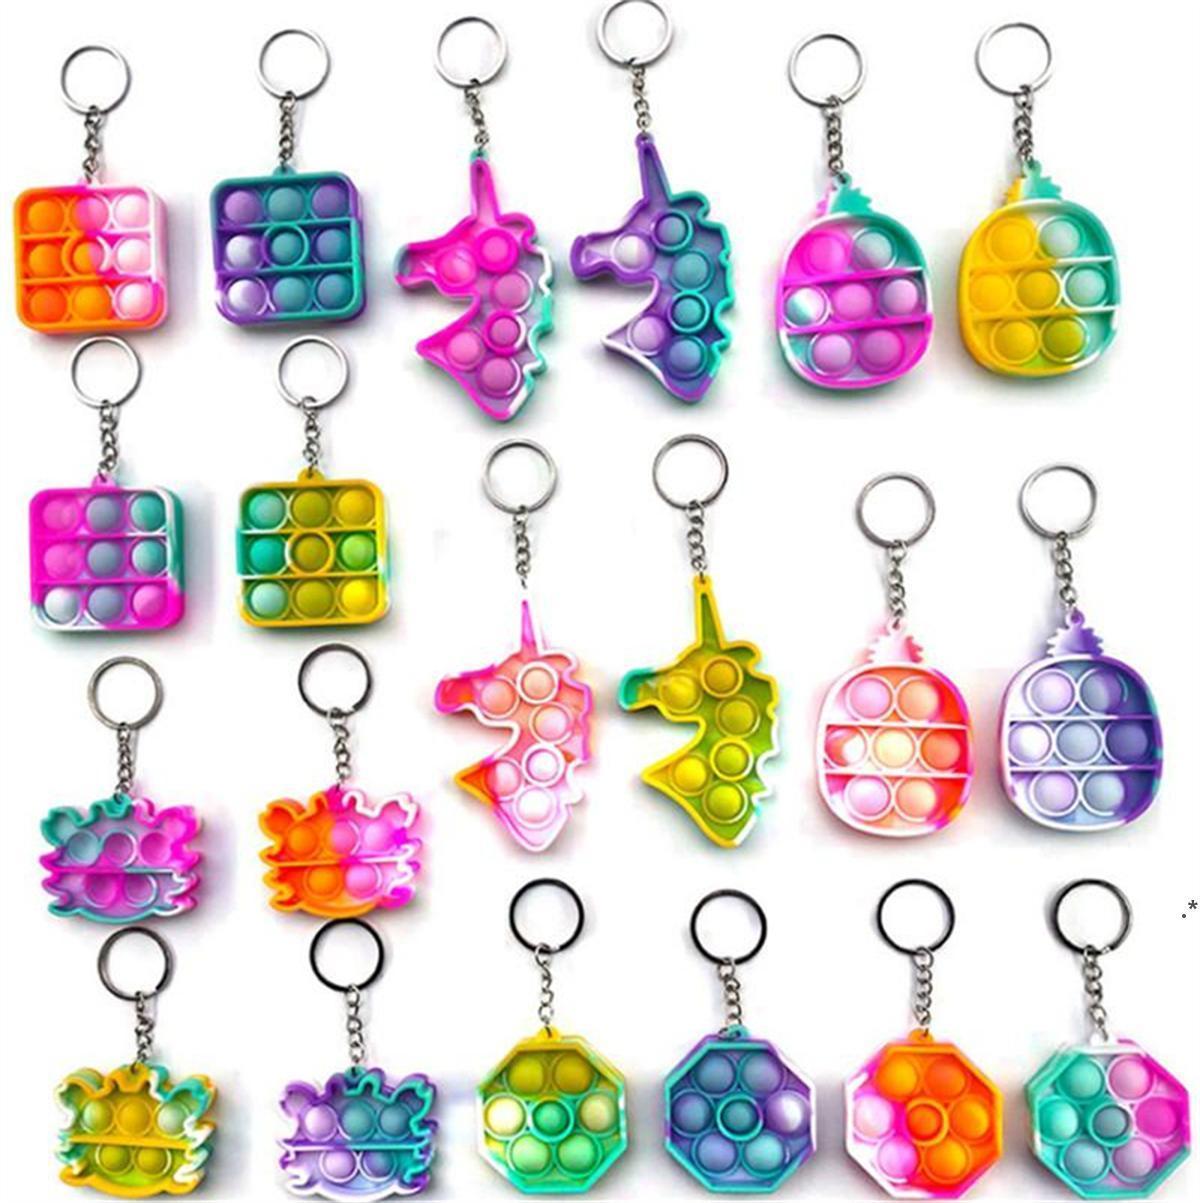 Горящая флуоресценция толчок пузырьки для рельефа для взрослых игрушка антистрессовая мягкая скважина подарок против стресса детская игрушка